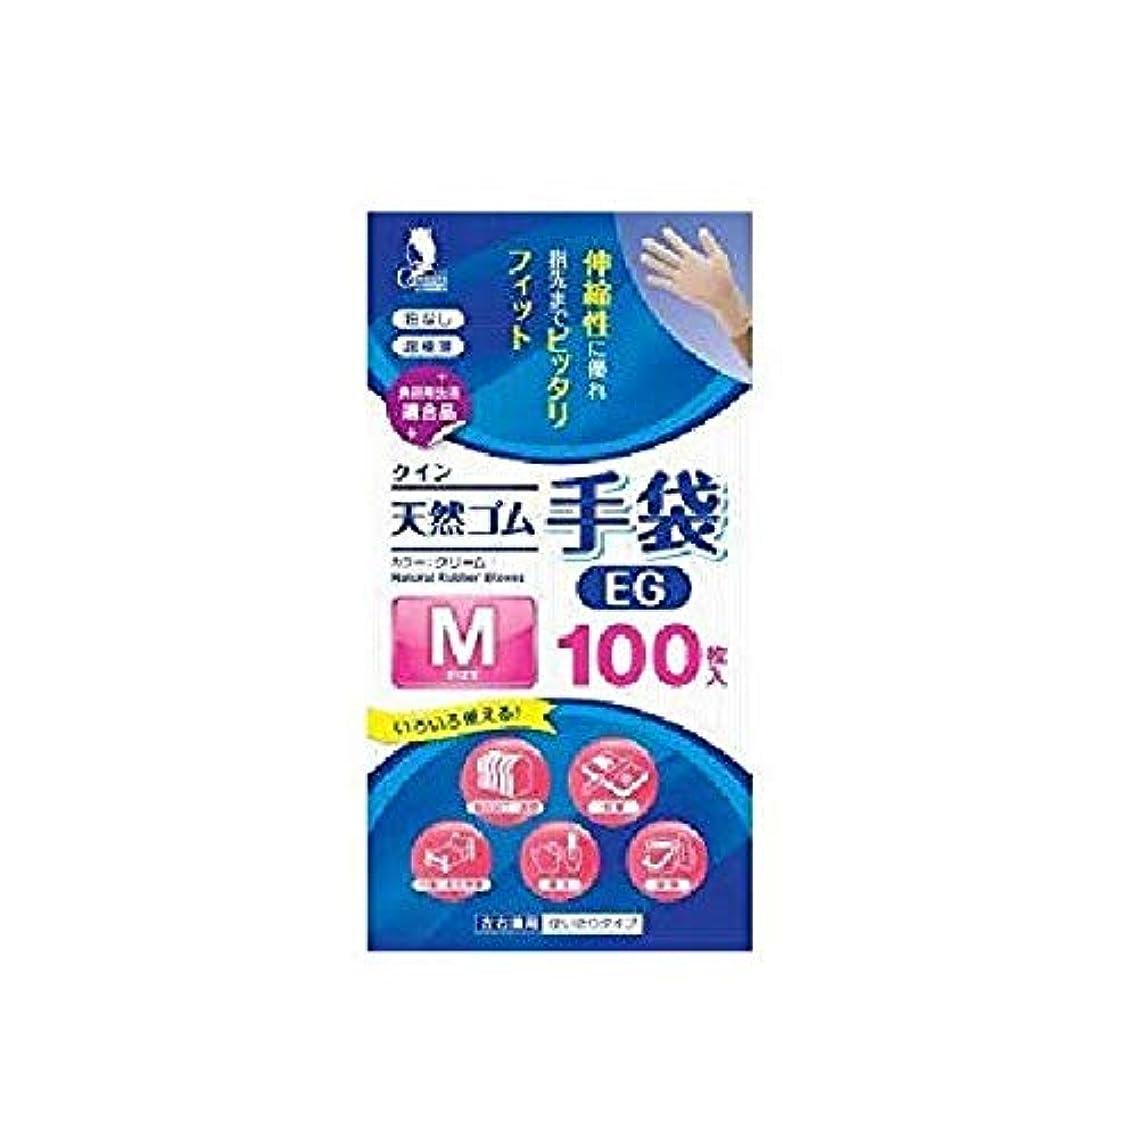 議論する個人的な条件付き宇都宮製作 クイン 天然ゴム手袋 EG 粉なし 100枚入 Mサイズ